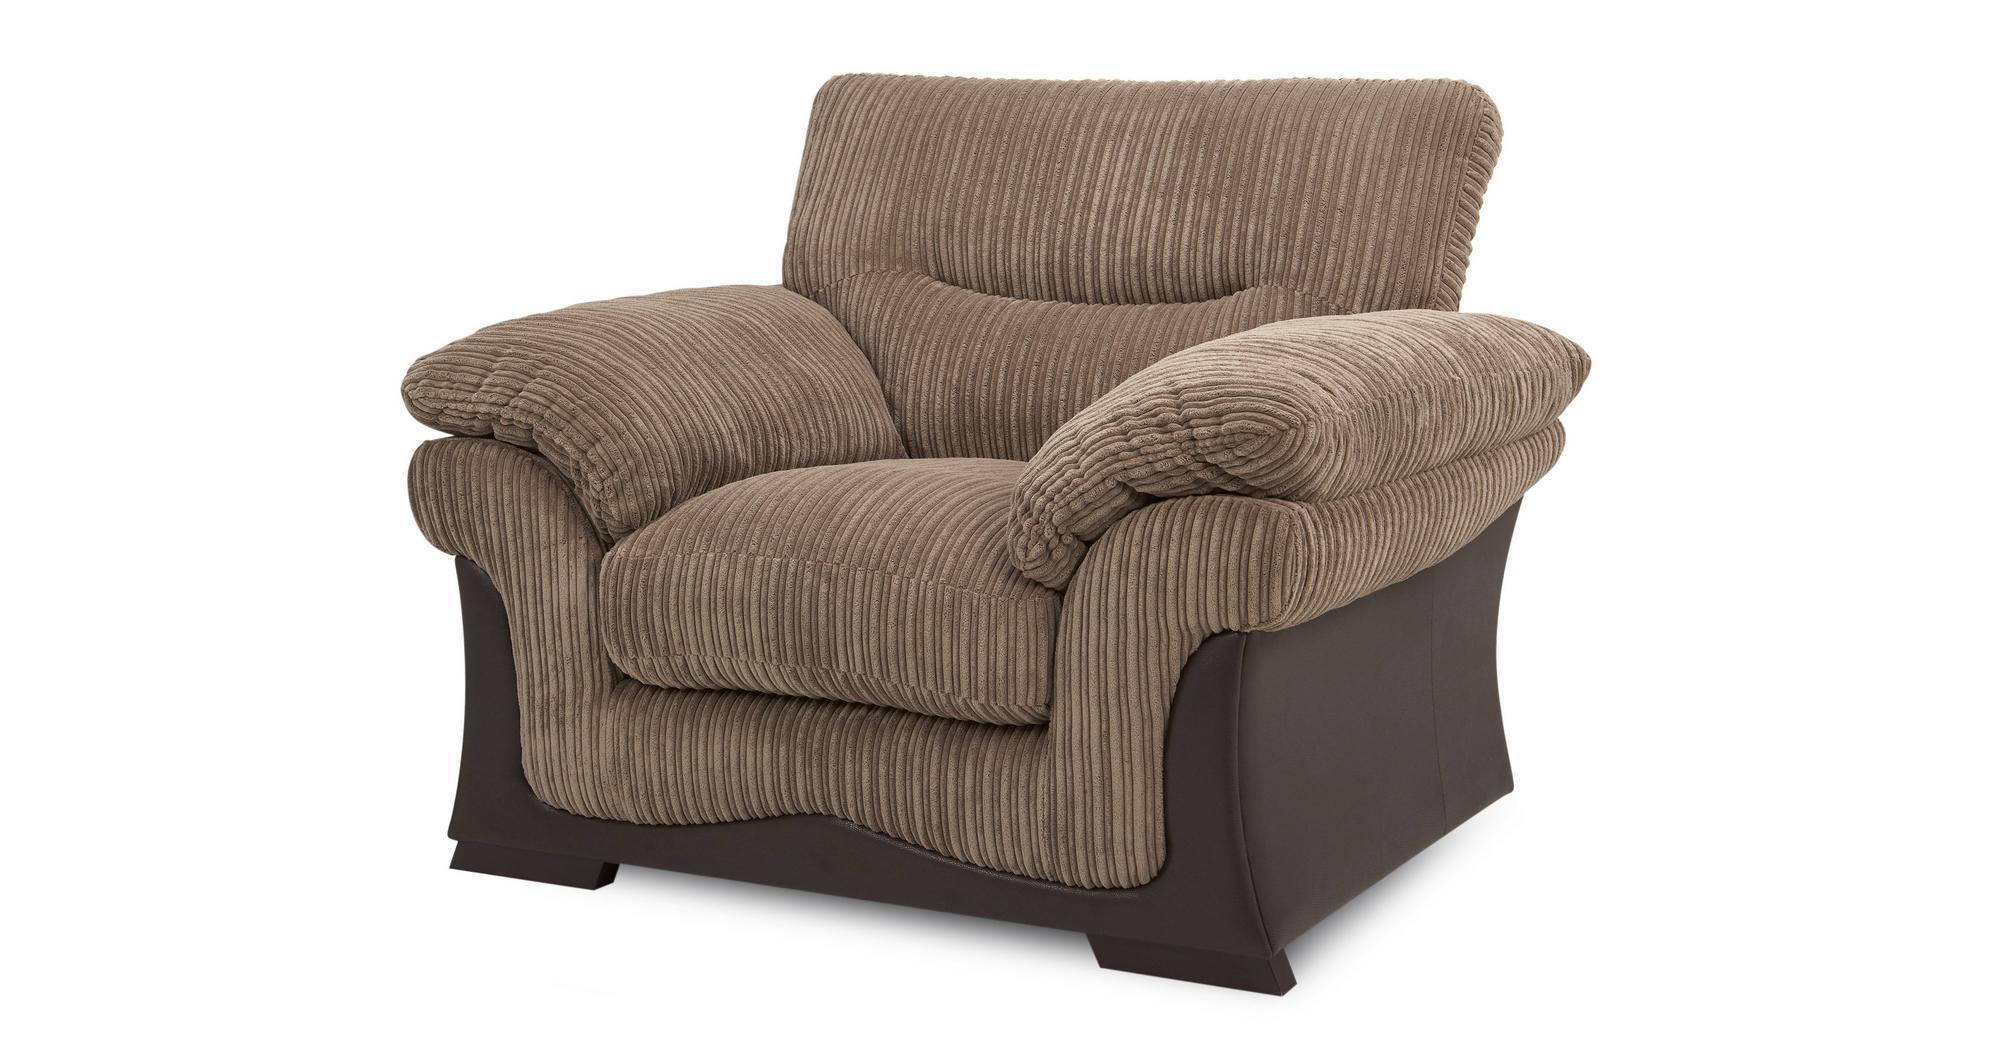 DFS Wyndham Nutmeg Brown Fabric Armchair   eBay